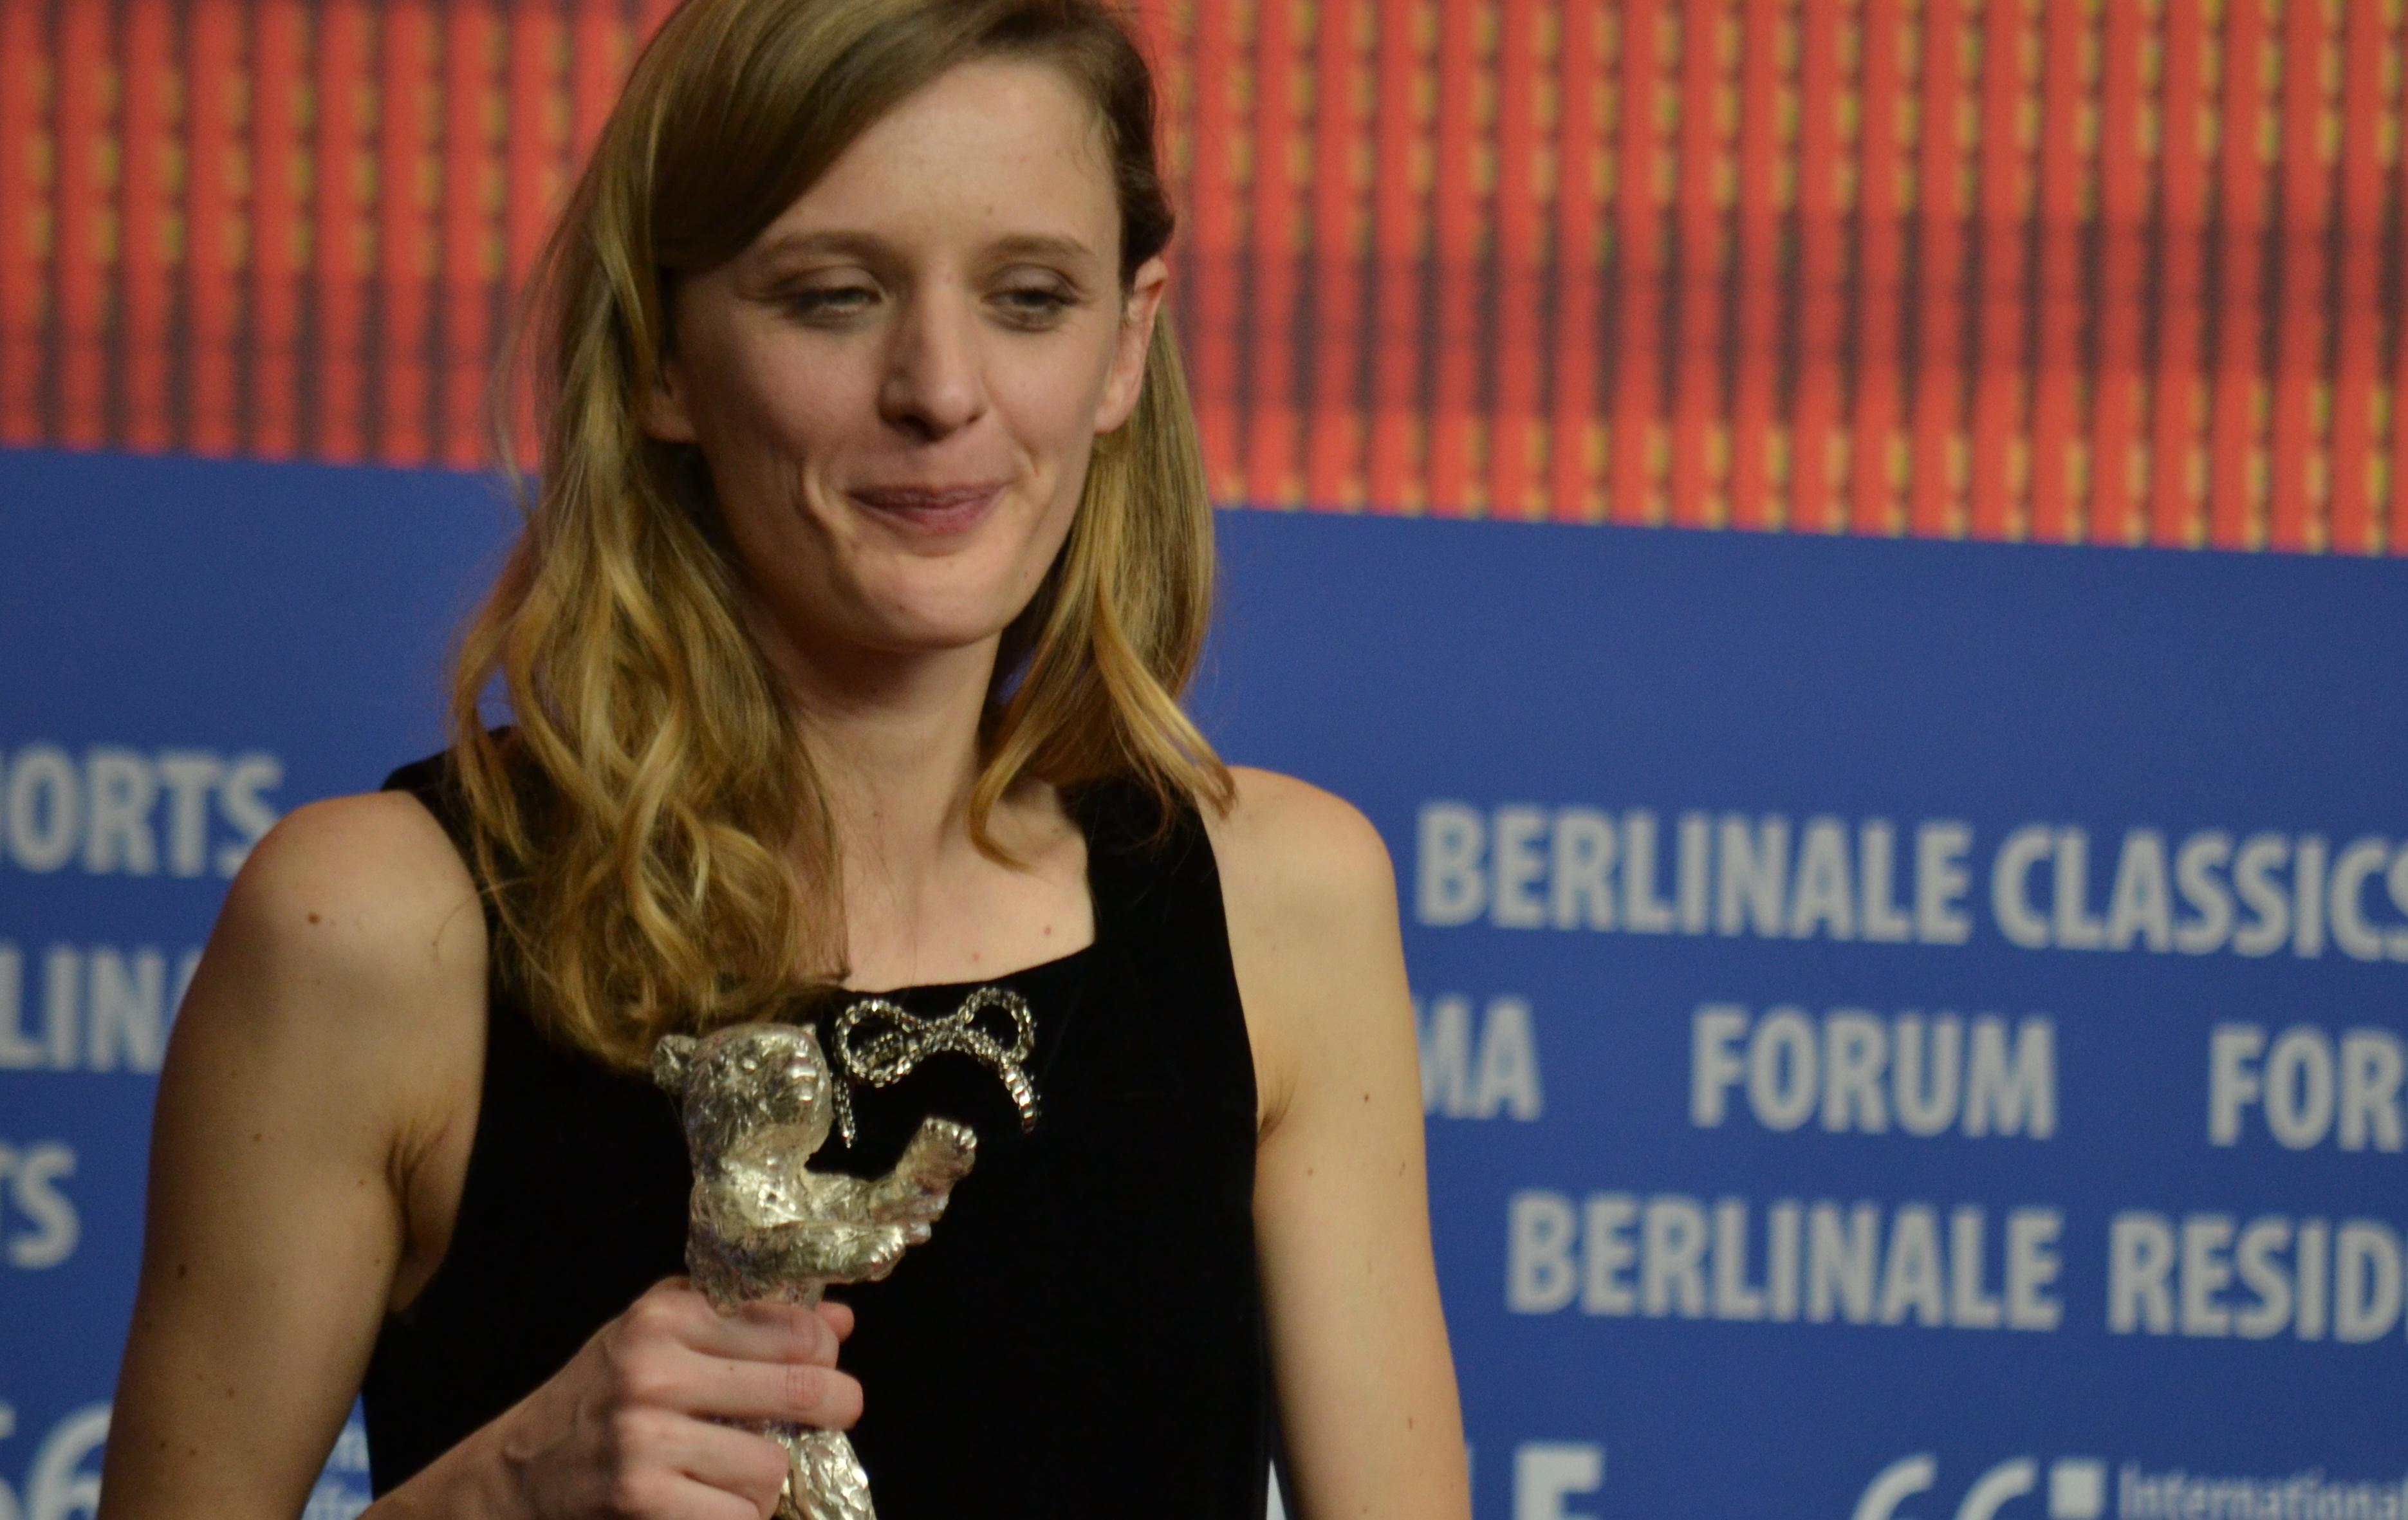 Berlino 2016: Mia Hansen-Løve alla conferenza dei premiati